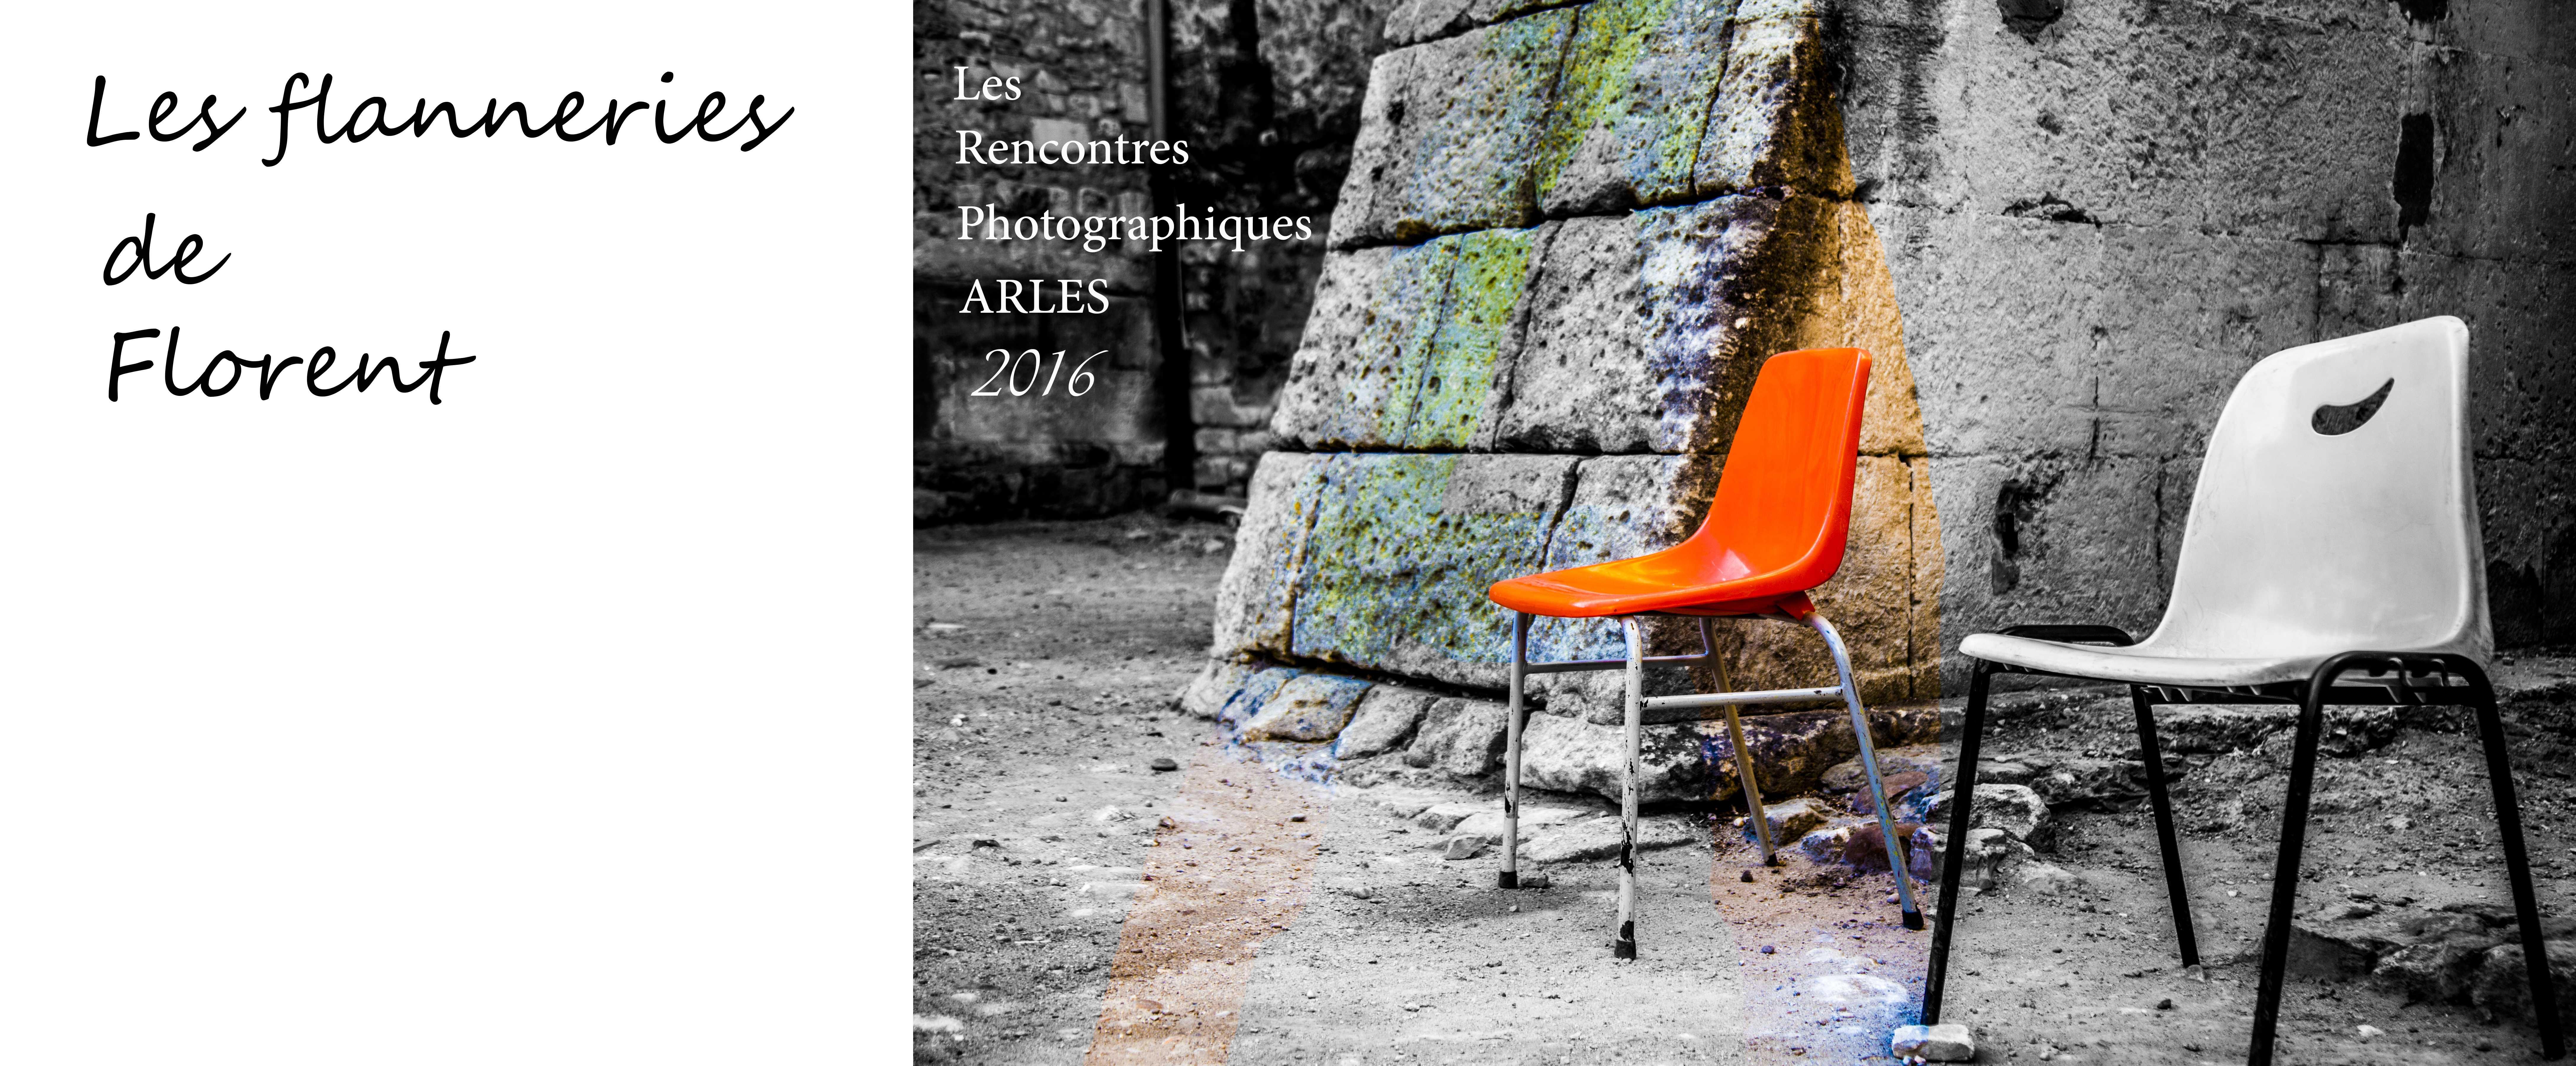 Magaflor - Arles 2016